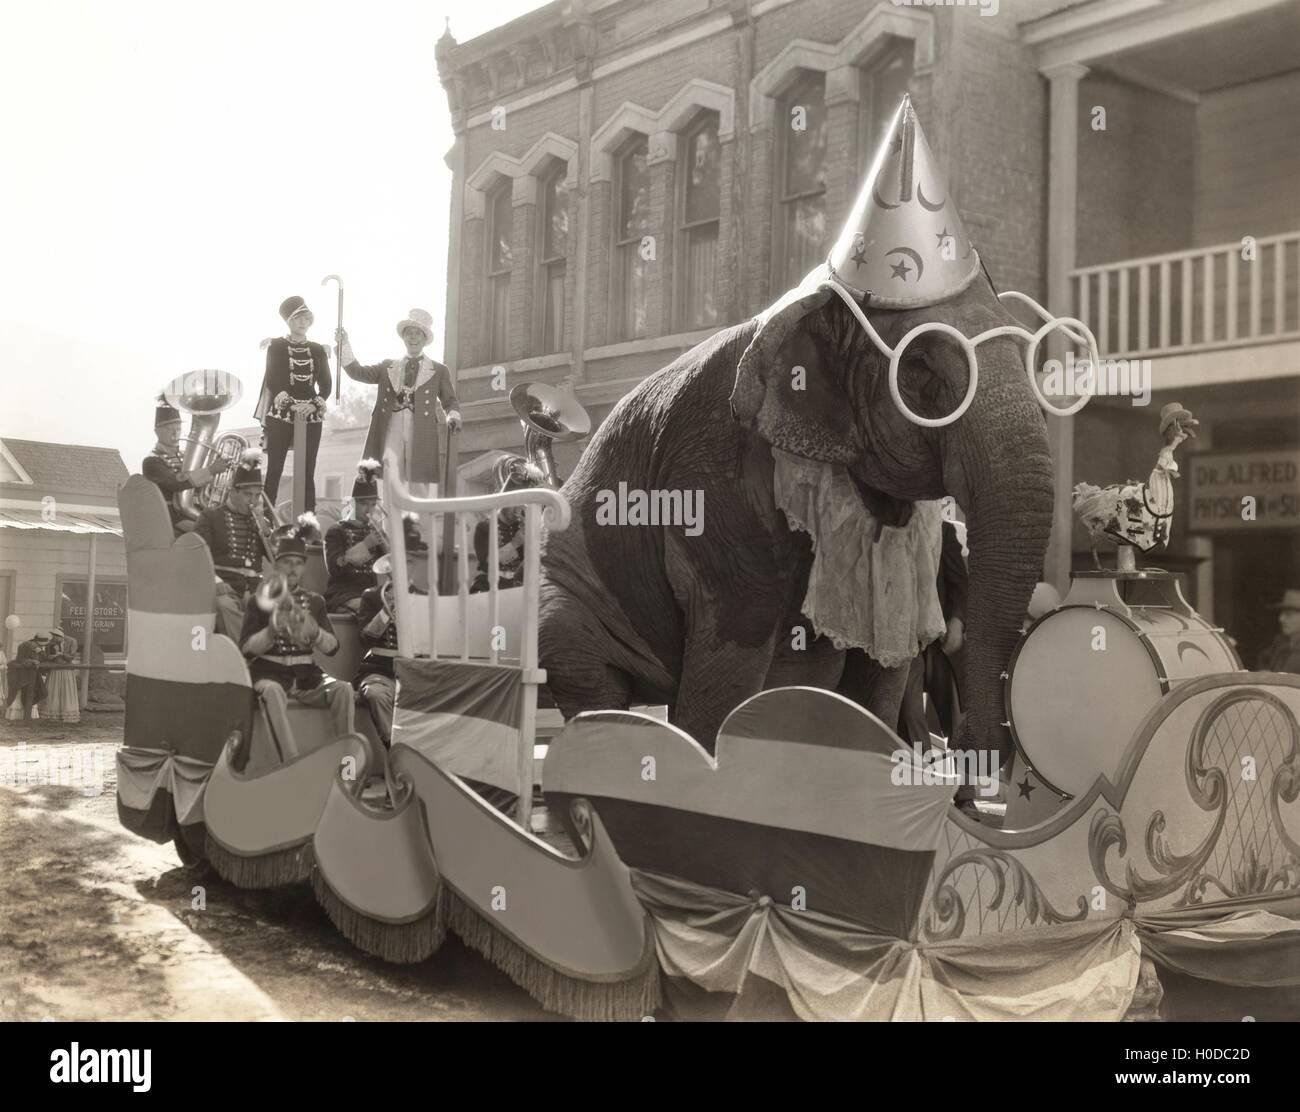 Elephant float - Stock Image